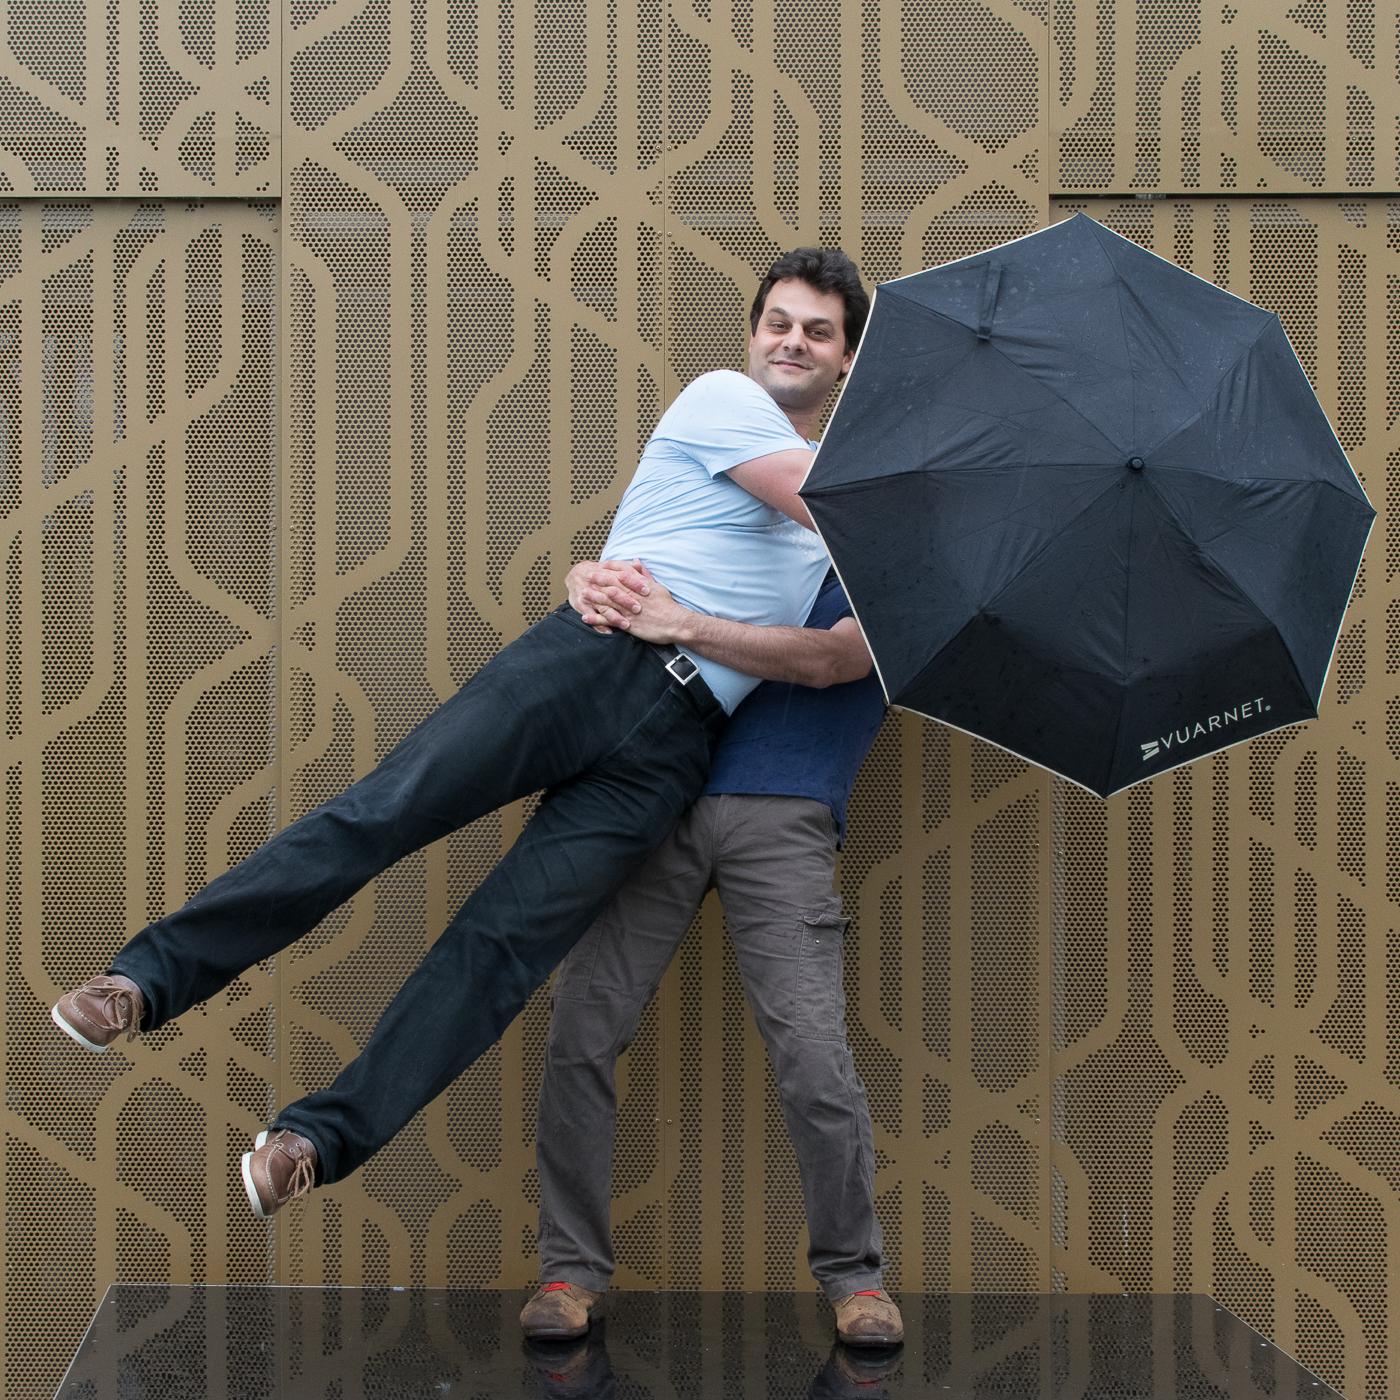 Parapluies 2016 - ... in the rain